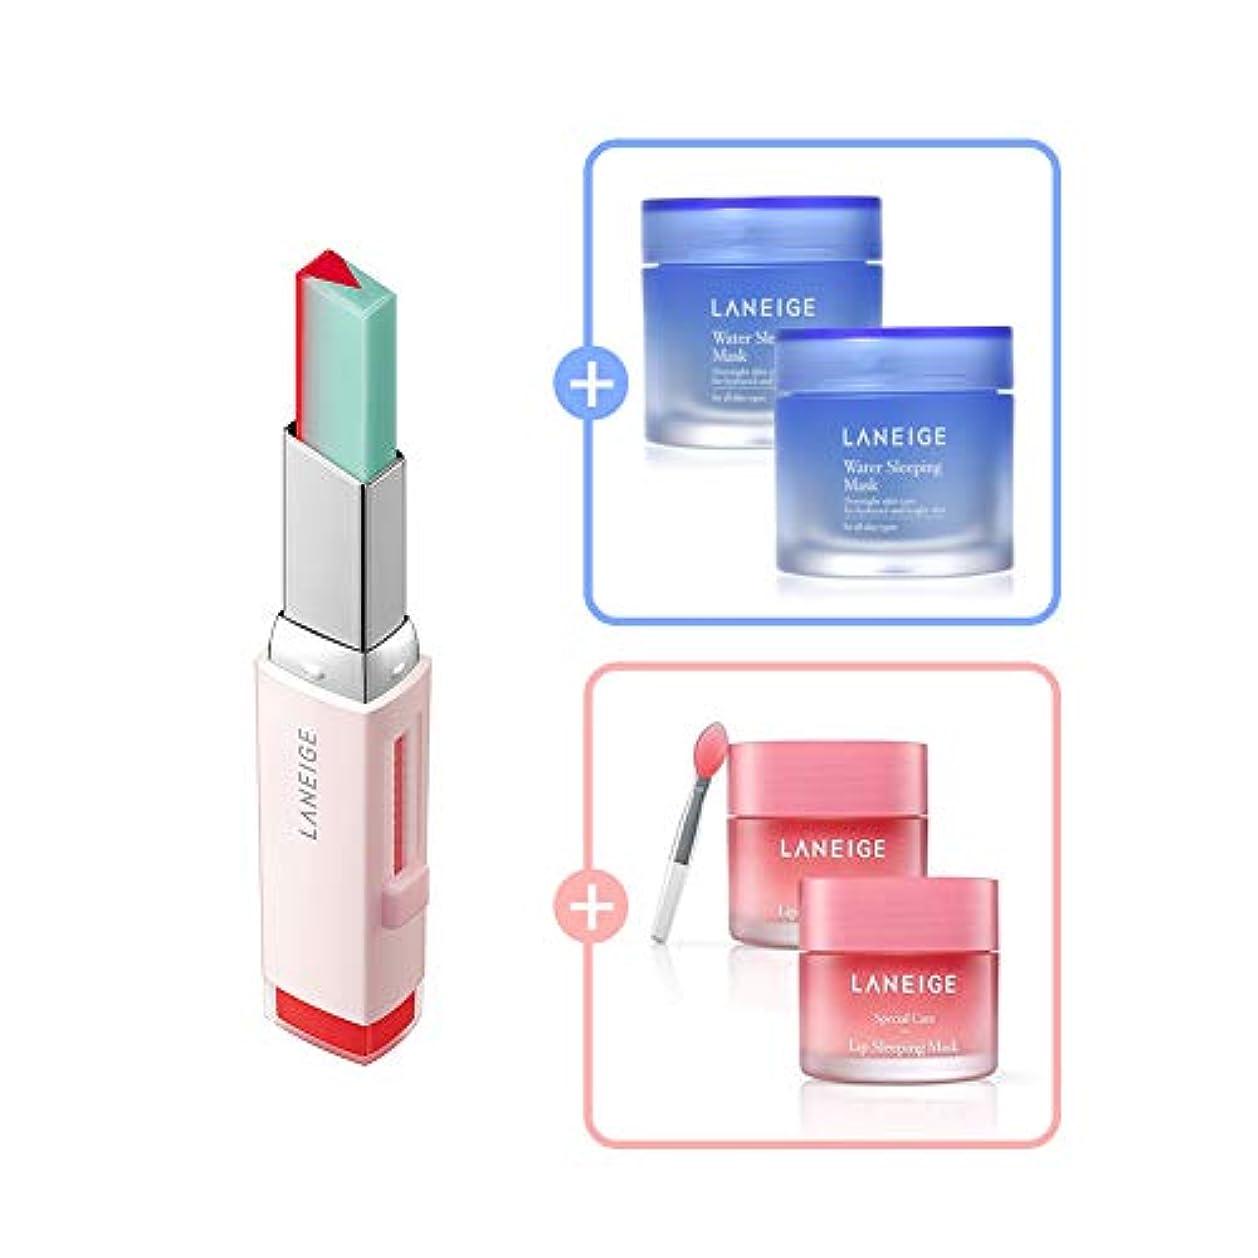 粒プラスチック岩Two Tone Tint Lip Bar 2g (No.3 Tint Mint)/ツートーン ティント バー 2g (No.3 ティント ミント) [数量限定!人気商品のサンプルプレゼント!]